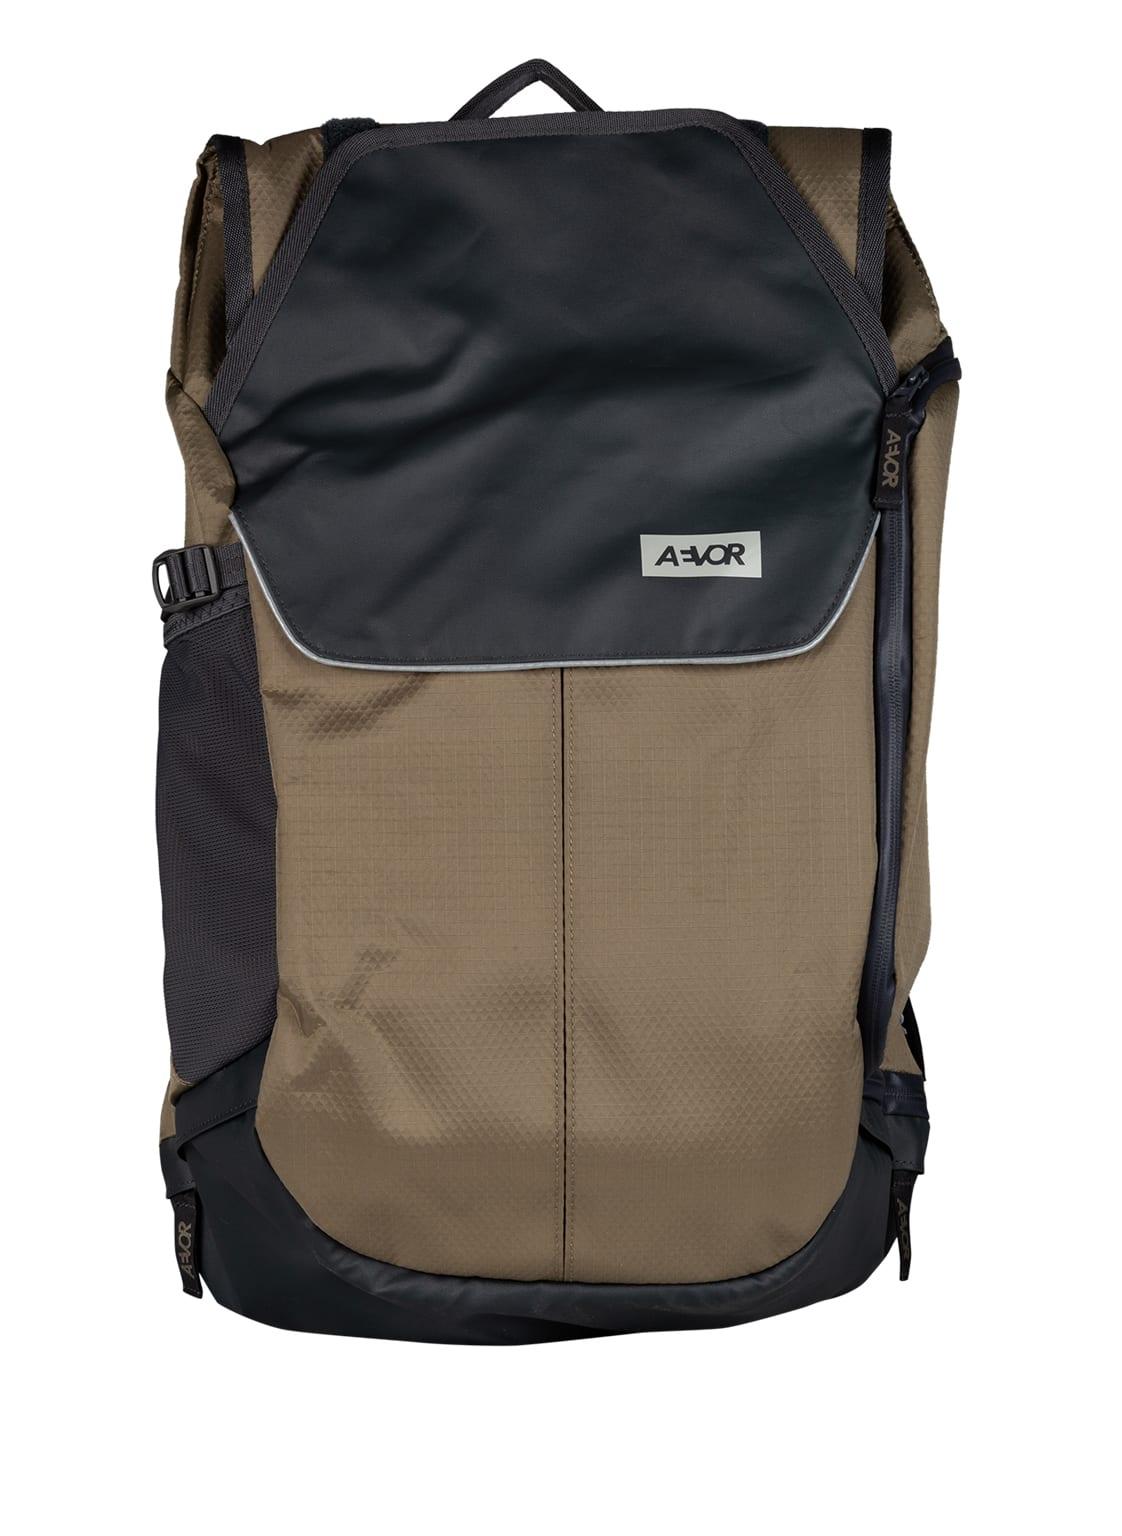 Image of Aevor Rucksack Bike Pack 18 L (Erweiterbar Auf 24 L) Mit Laptop-Fach gruen